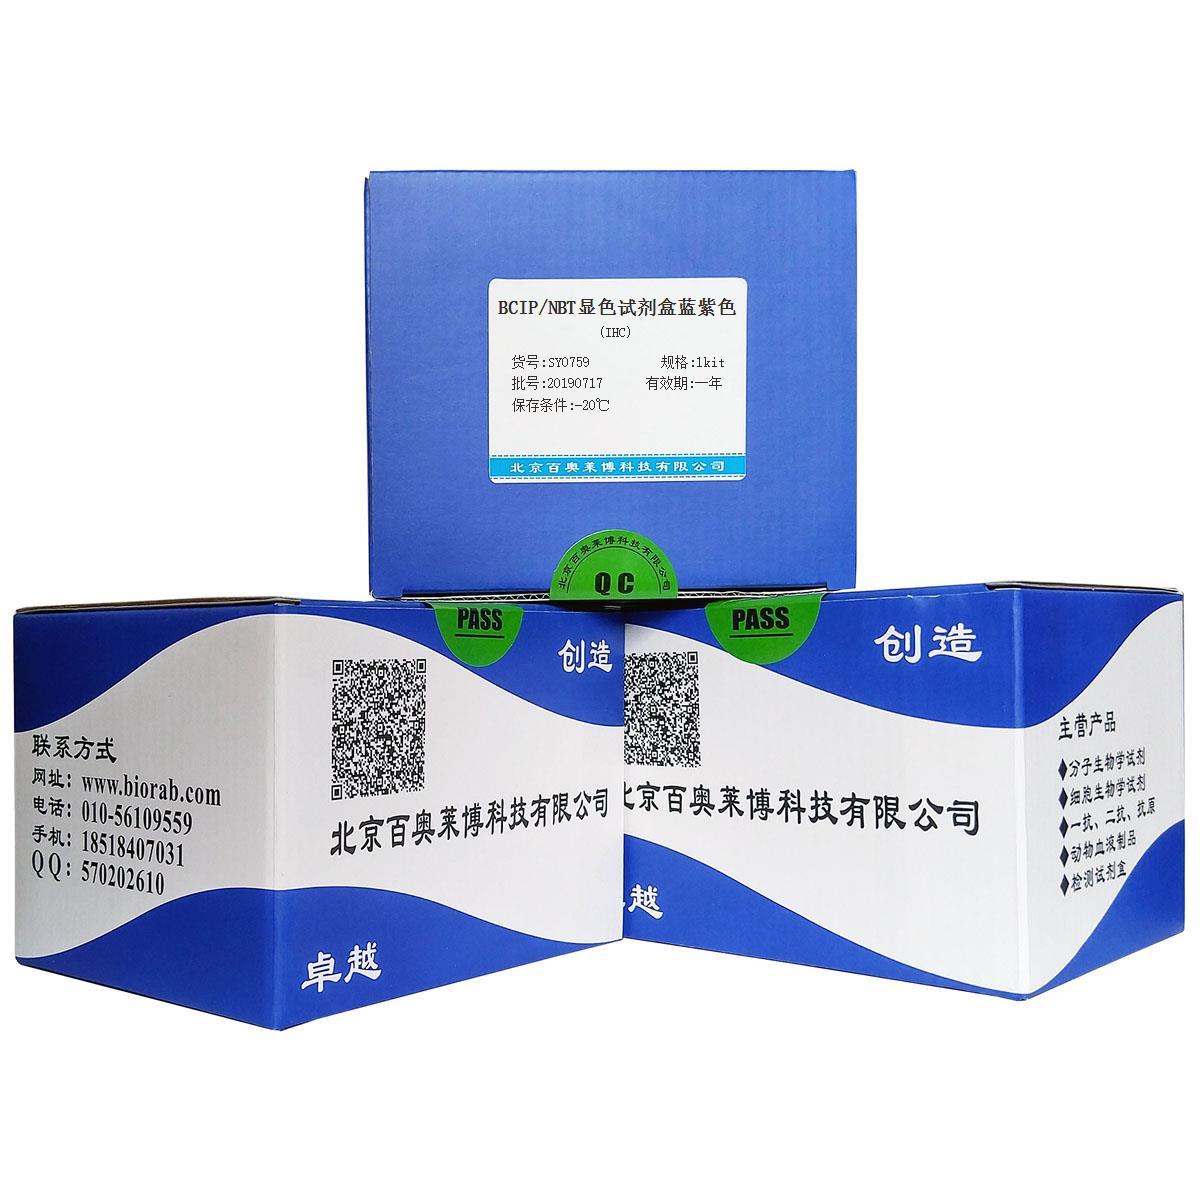 BCIP/NBT显色试剂盒蓝紫色(IHC)